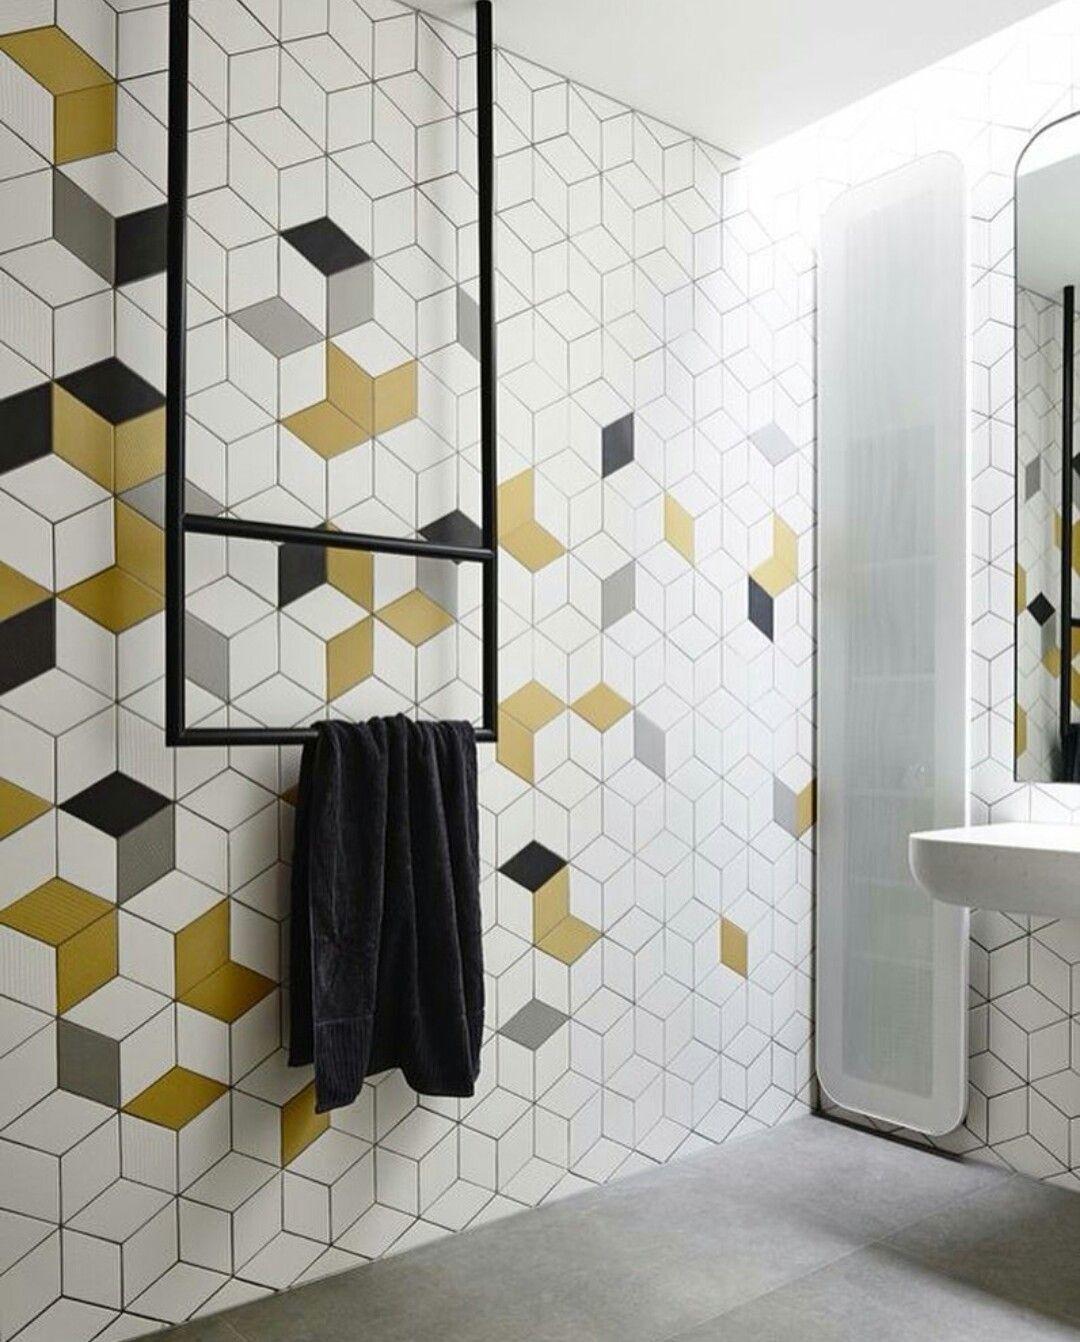 Hexagon Cube Tiles Again Modern Bathroom Tile Yellow Bathroom Tiles Yellow Bathroom Decor